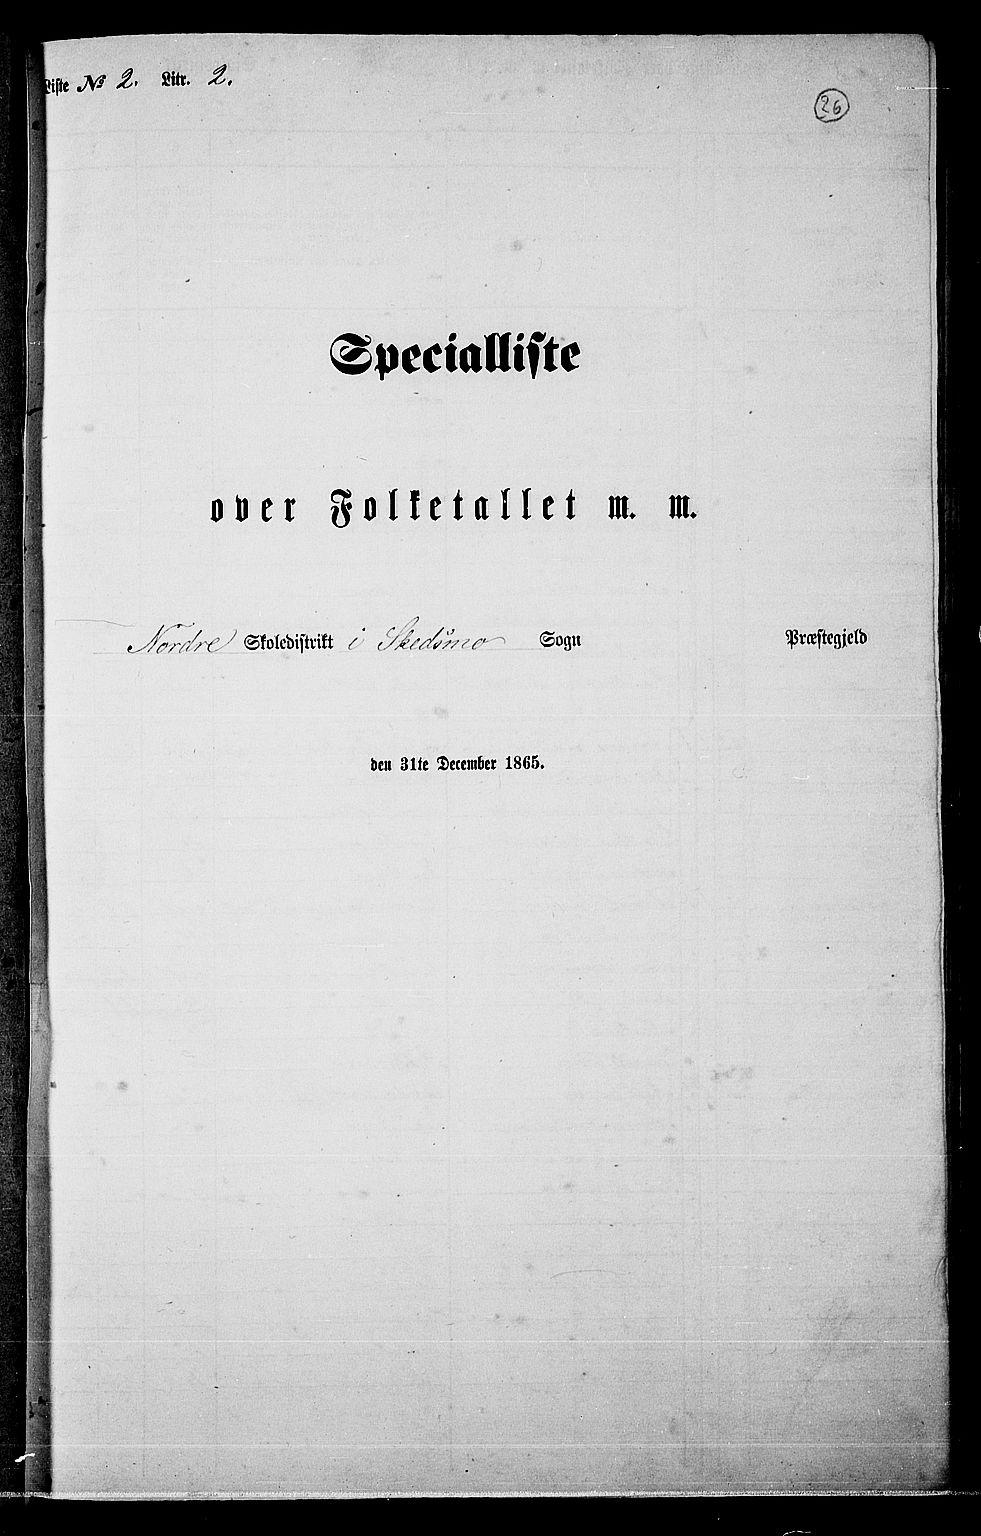 RA, Folketelling 1865 for 0231P Skedsmo prestegjeld, 1865, s. 24